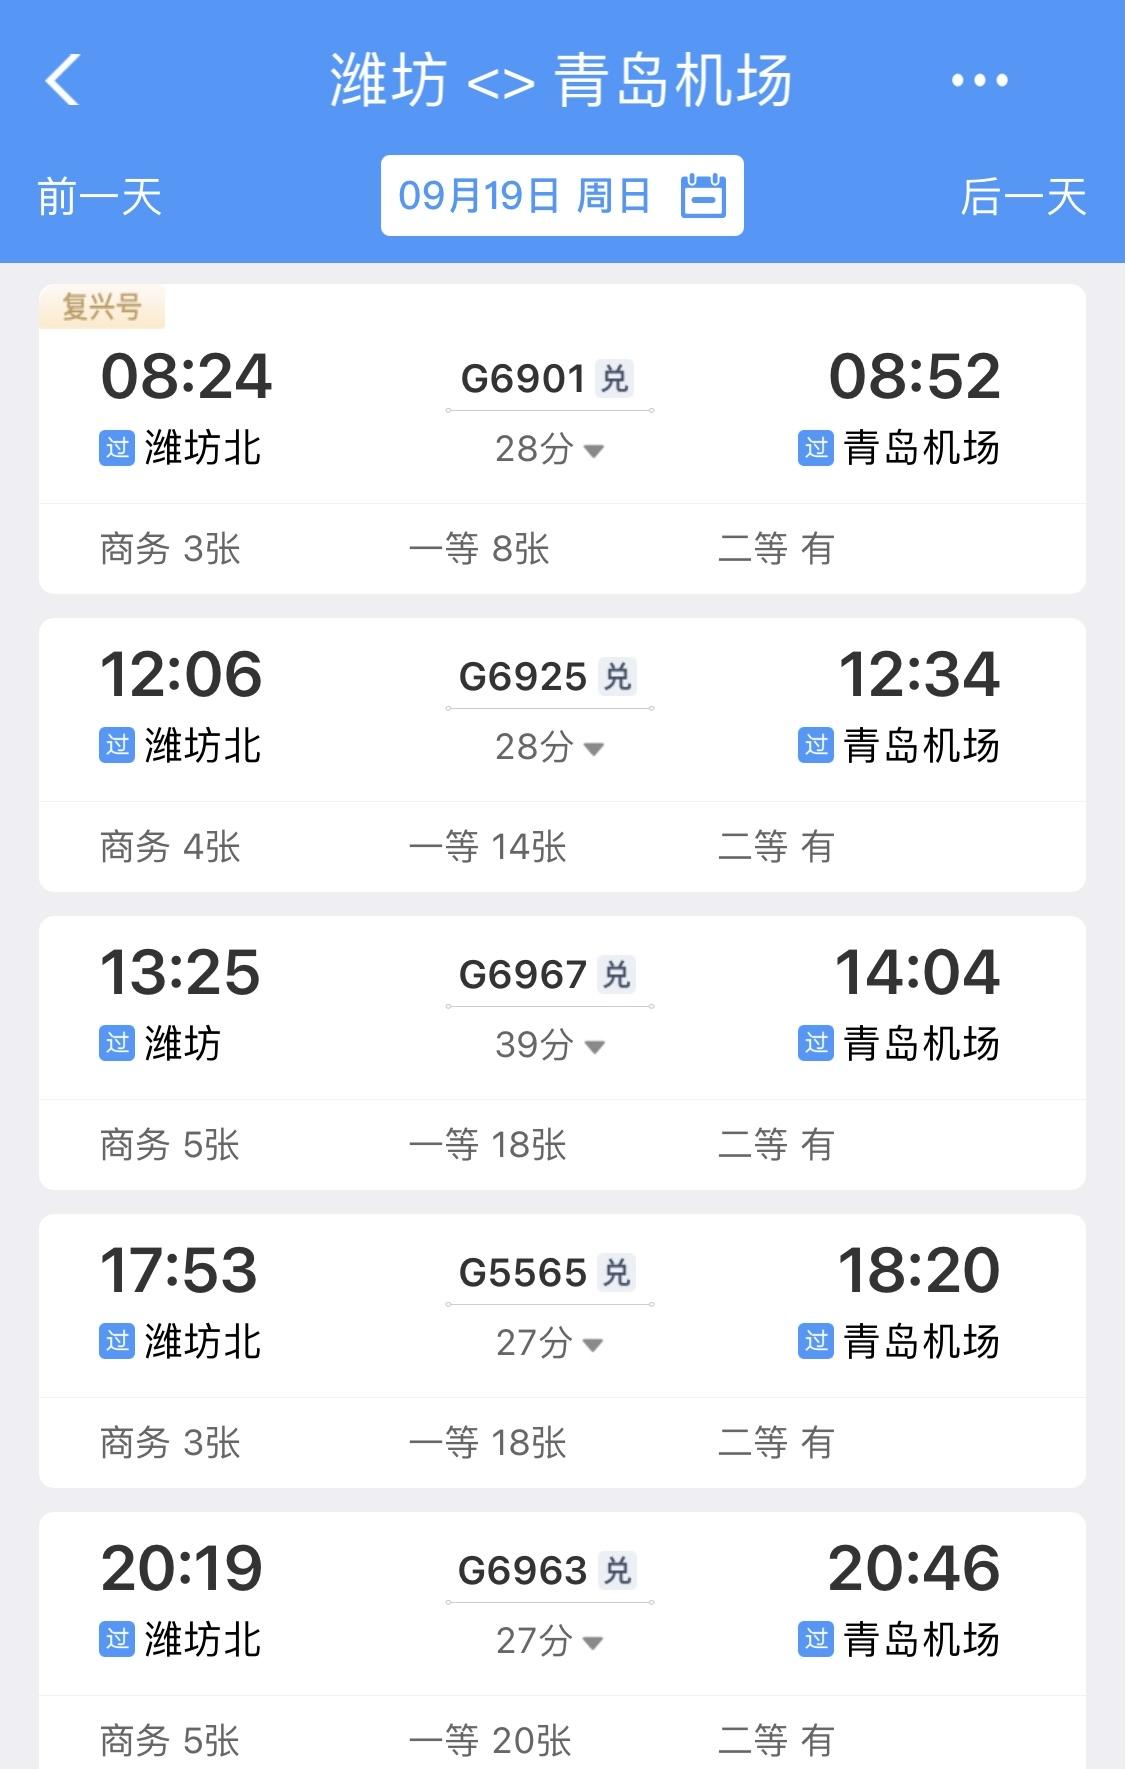 青岛胶东机场运行一个月了,发现很多人都没有利用好胶州北站